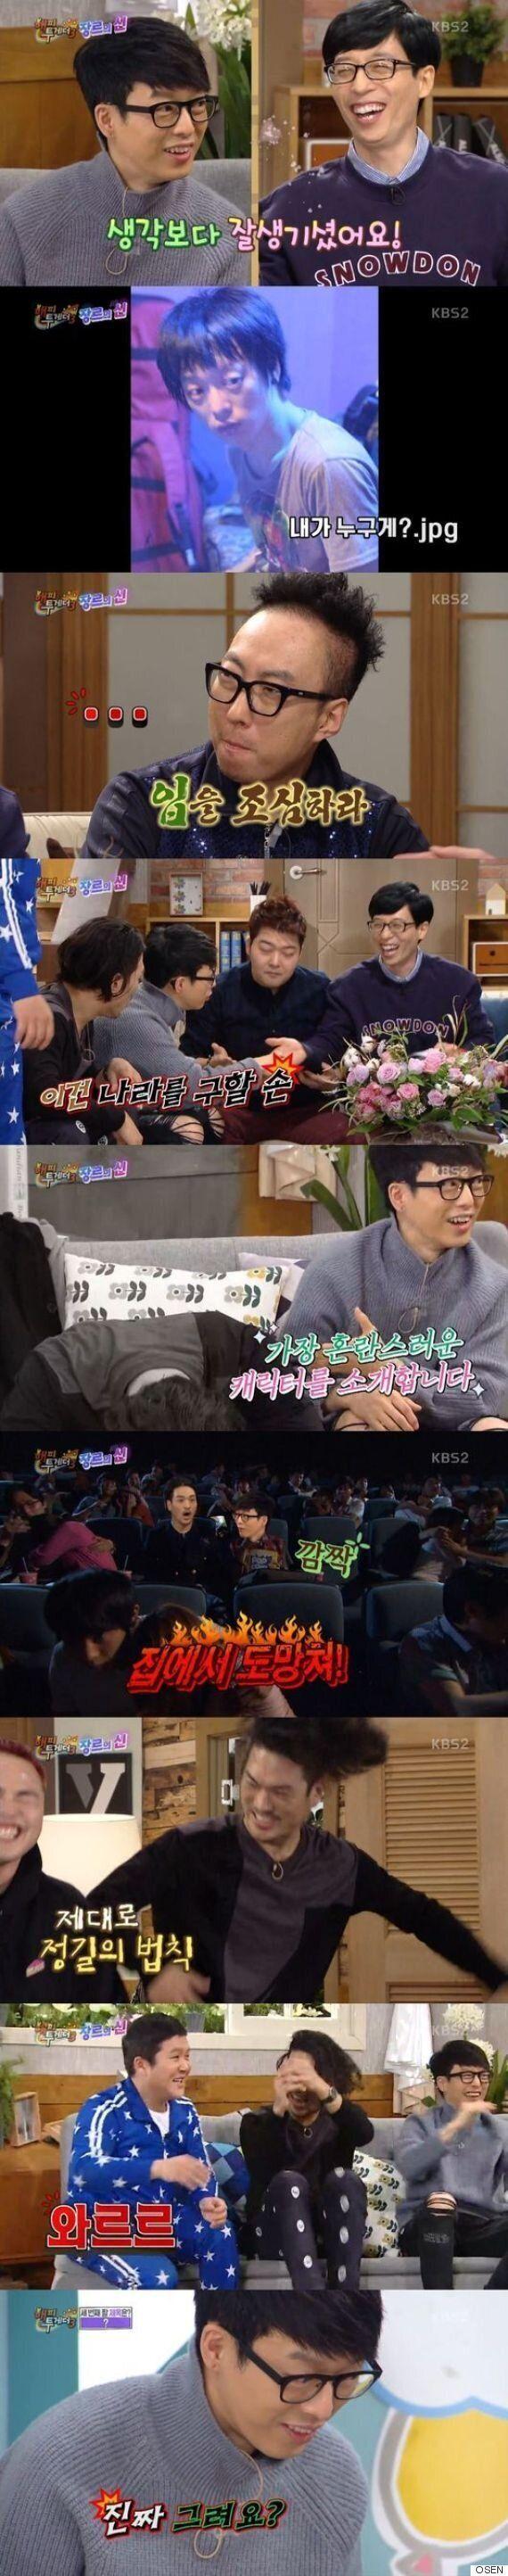 [어저께TV] 하현우X이정길, '해투3' 초토화시킨 신개념